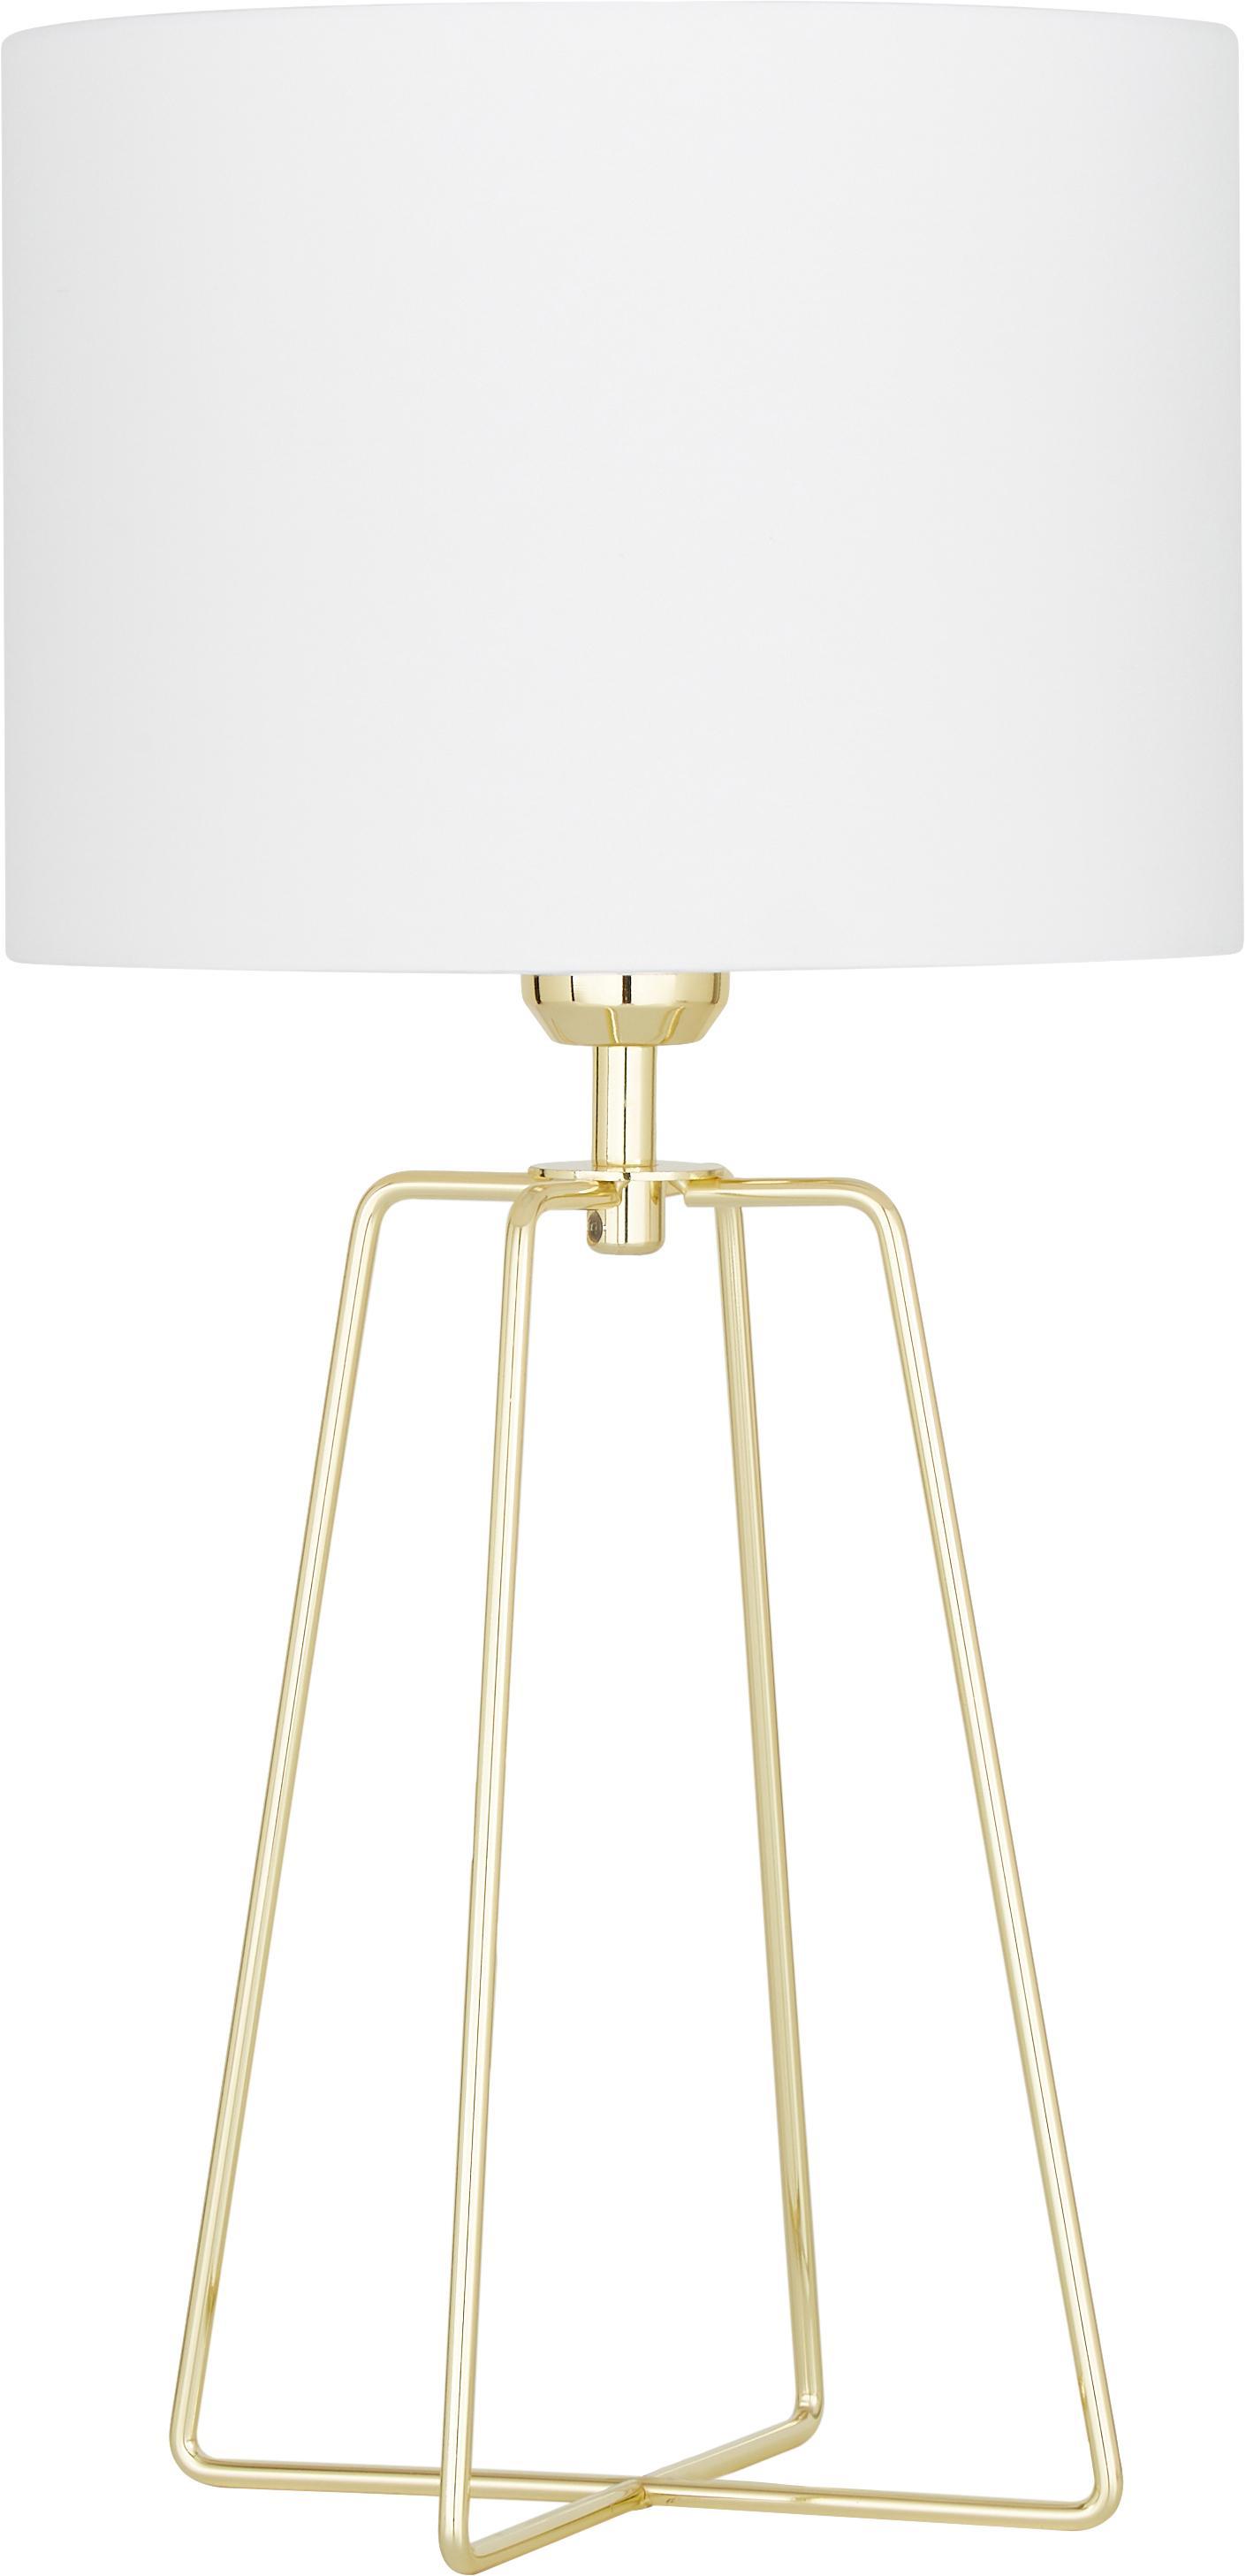 Samt-Tischlampe Karolina mit goldenem Lampenfuss, Lampenschirm: Samt, Weiss, Gold, Ø 25 x H 49 cm